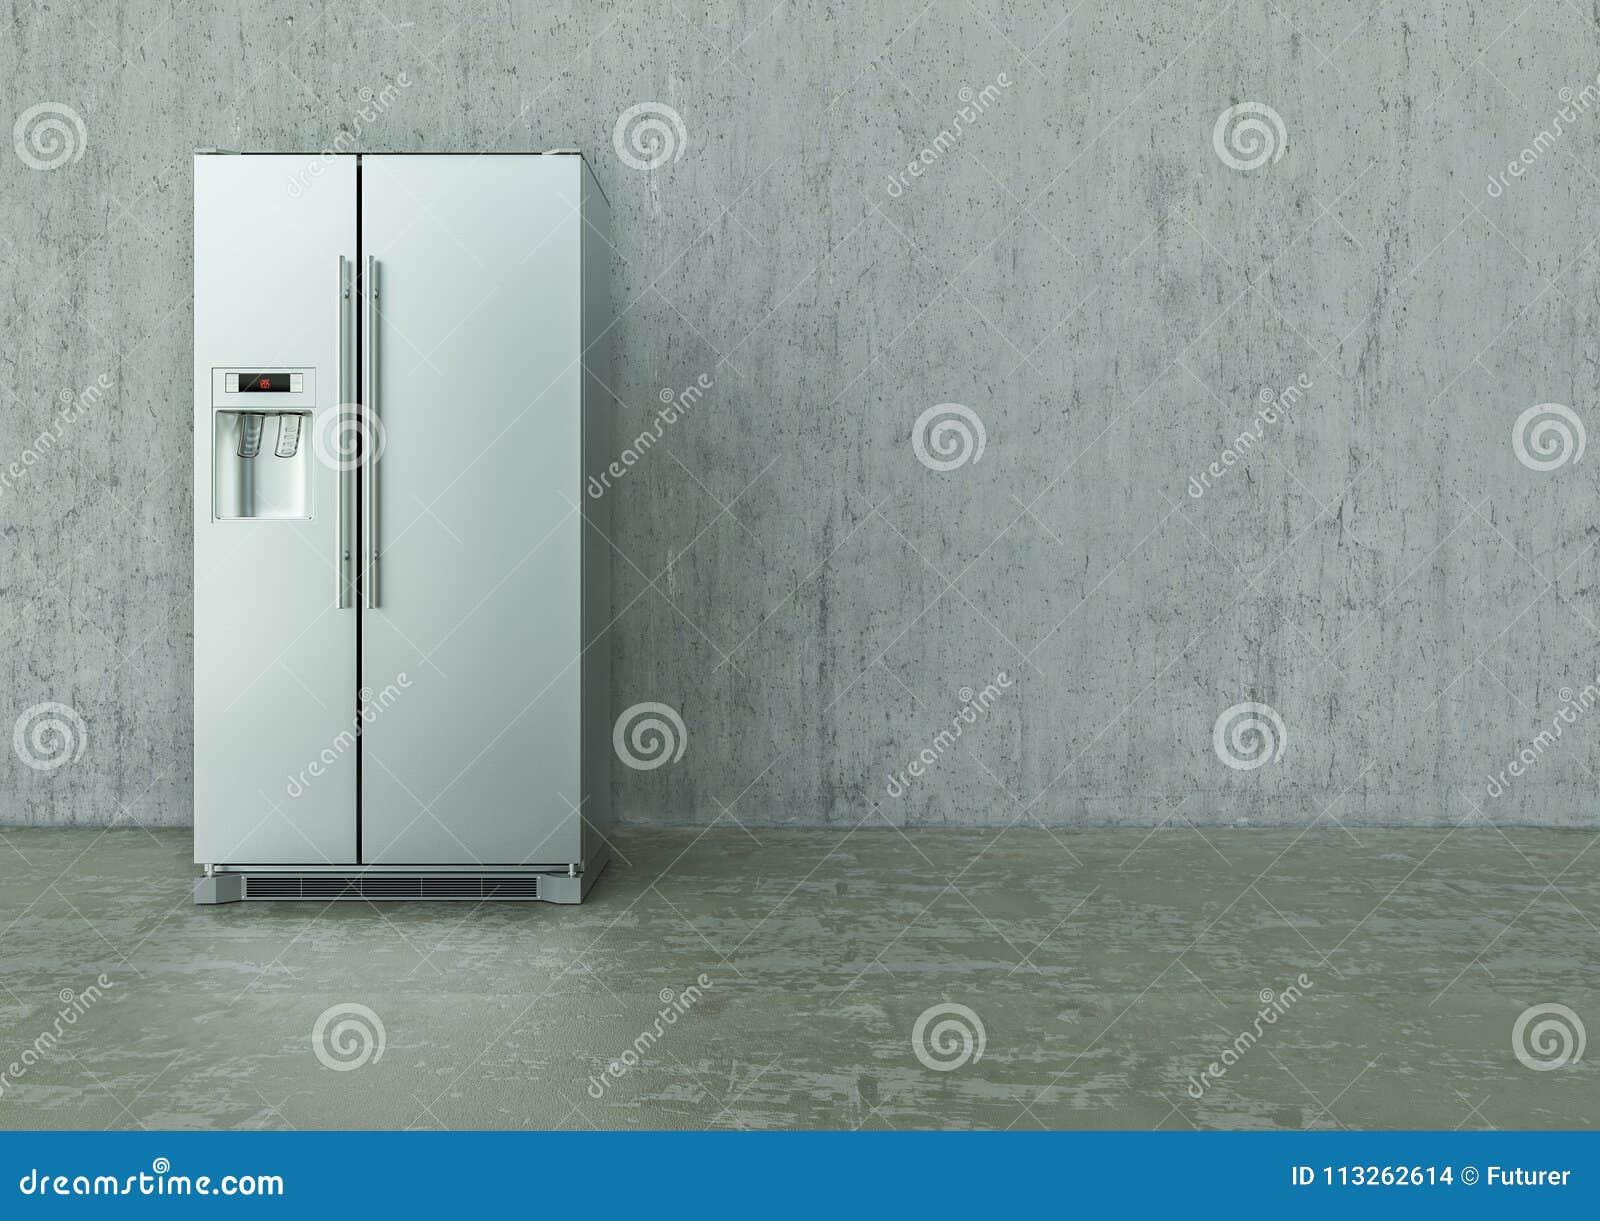 Kühlschrank Edelstahl : Edelstahl kühlschrank tür offen ist lizenzfreie fotos bilder